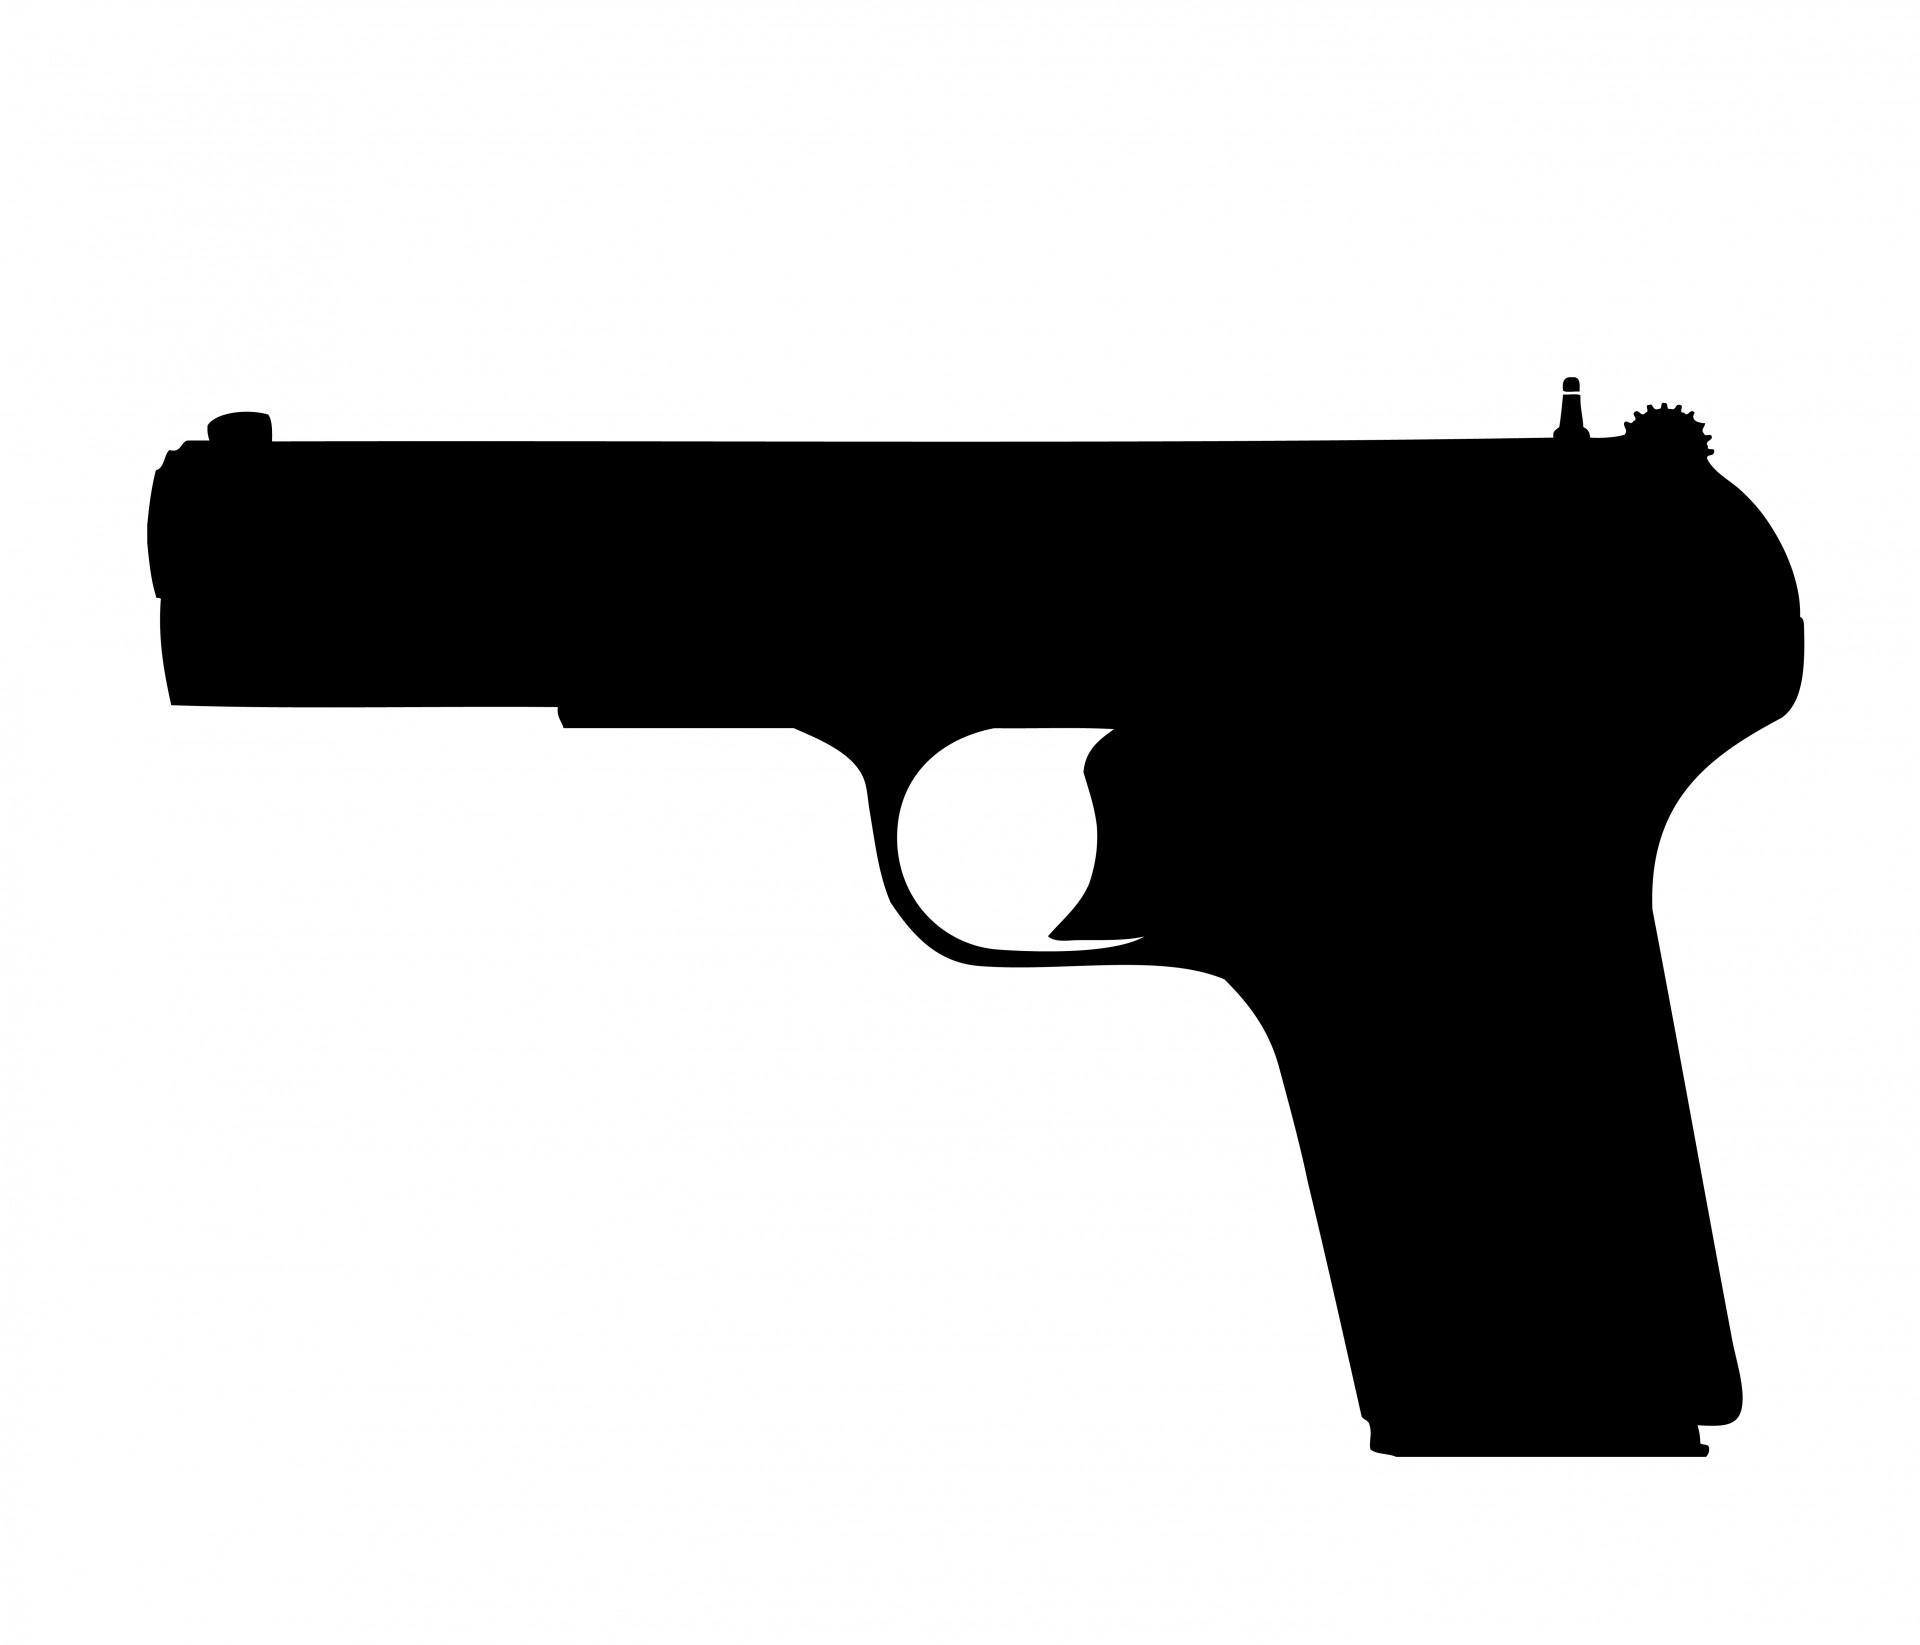 Gun clipart #16, Download drawings